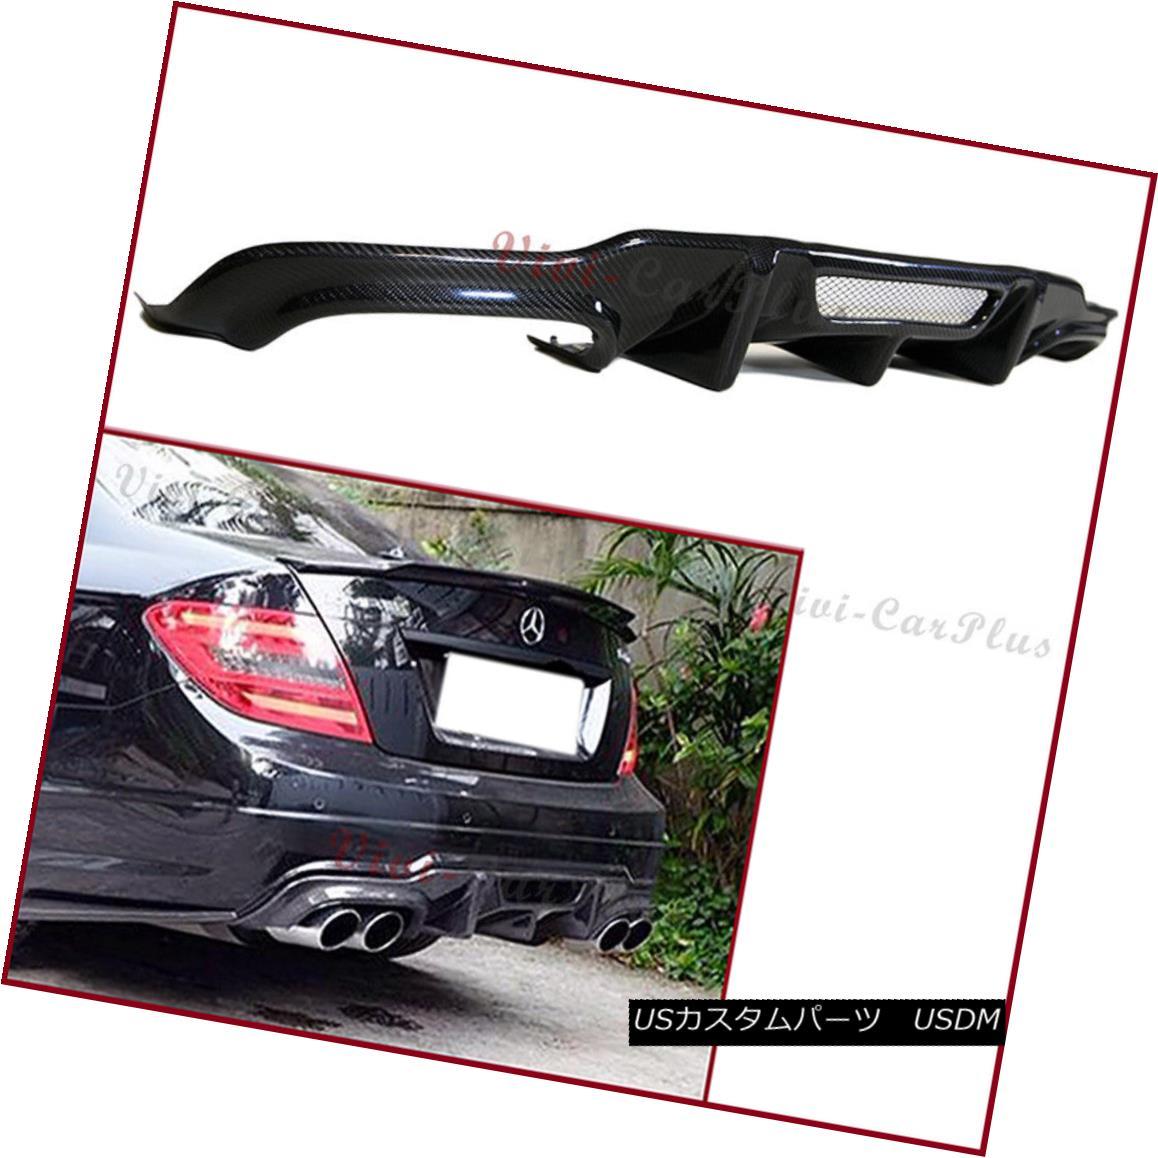 エアロパーツ For 12-14 Benz C204 W204 C300 C350 C63AMG V Type Carbon Fiber Rear Diffuser Lip 12-14ベンツC204 W204 C300 C350 C63AMG Vタイプ炭素繊維リアディフューザリップ